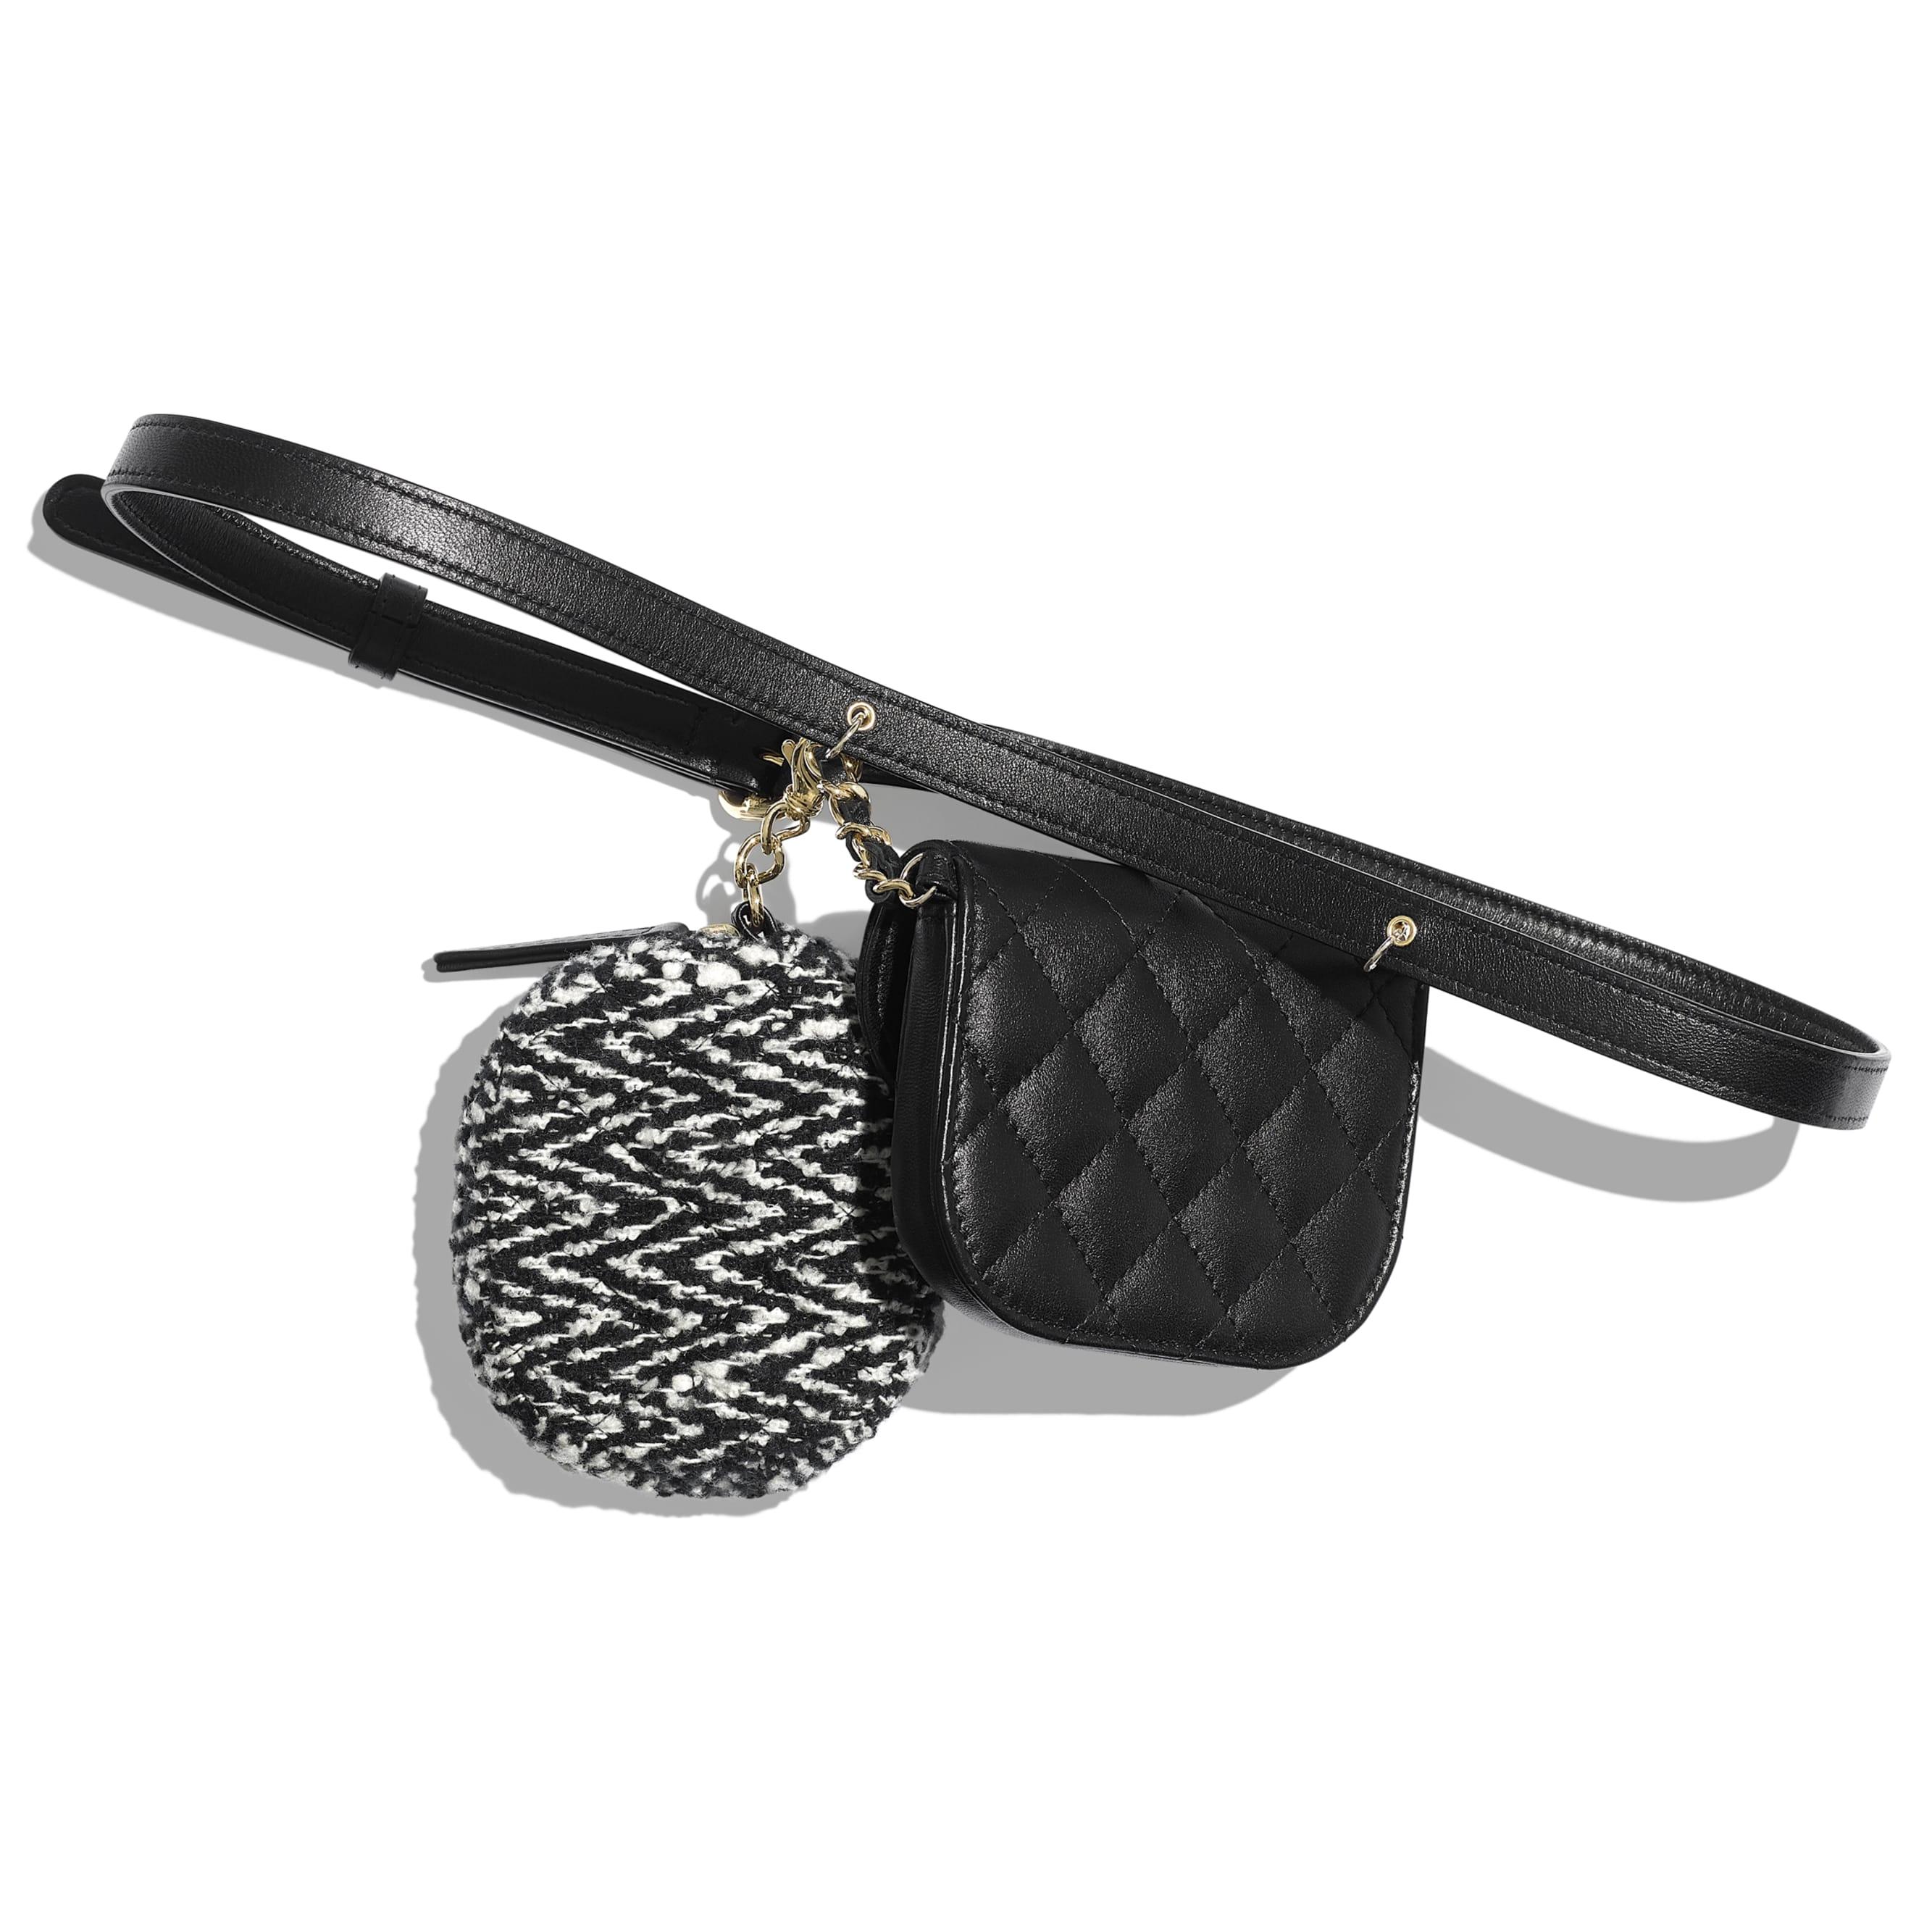 Поясная сумка с кошельком для монет - Черный и белый - Кожа ягненка, твид и золотистый металл - Альтернативный вид - посмотреть изображение стандартного размера